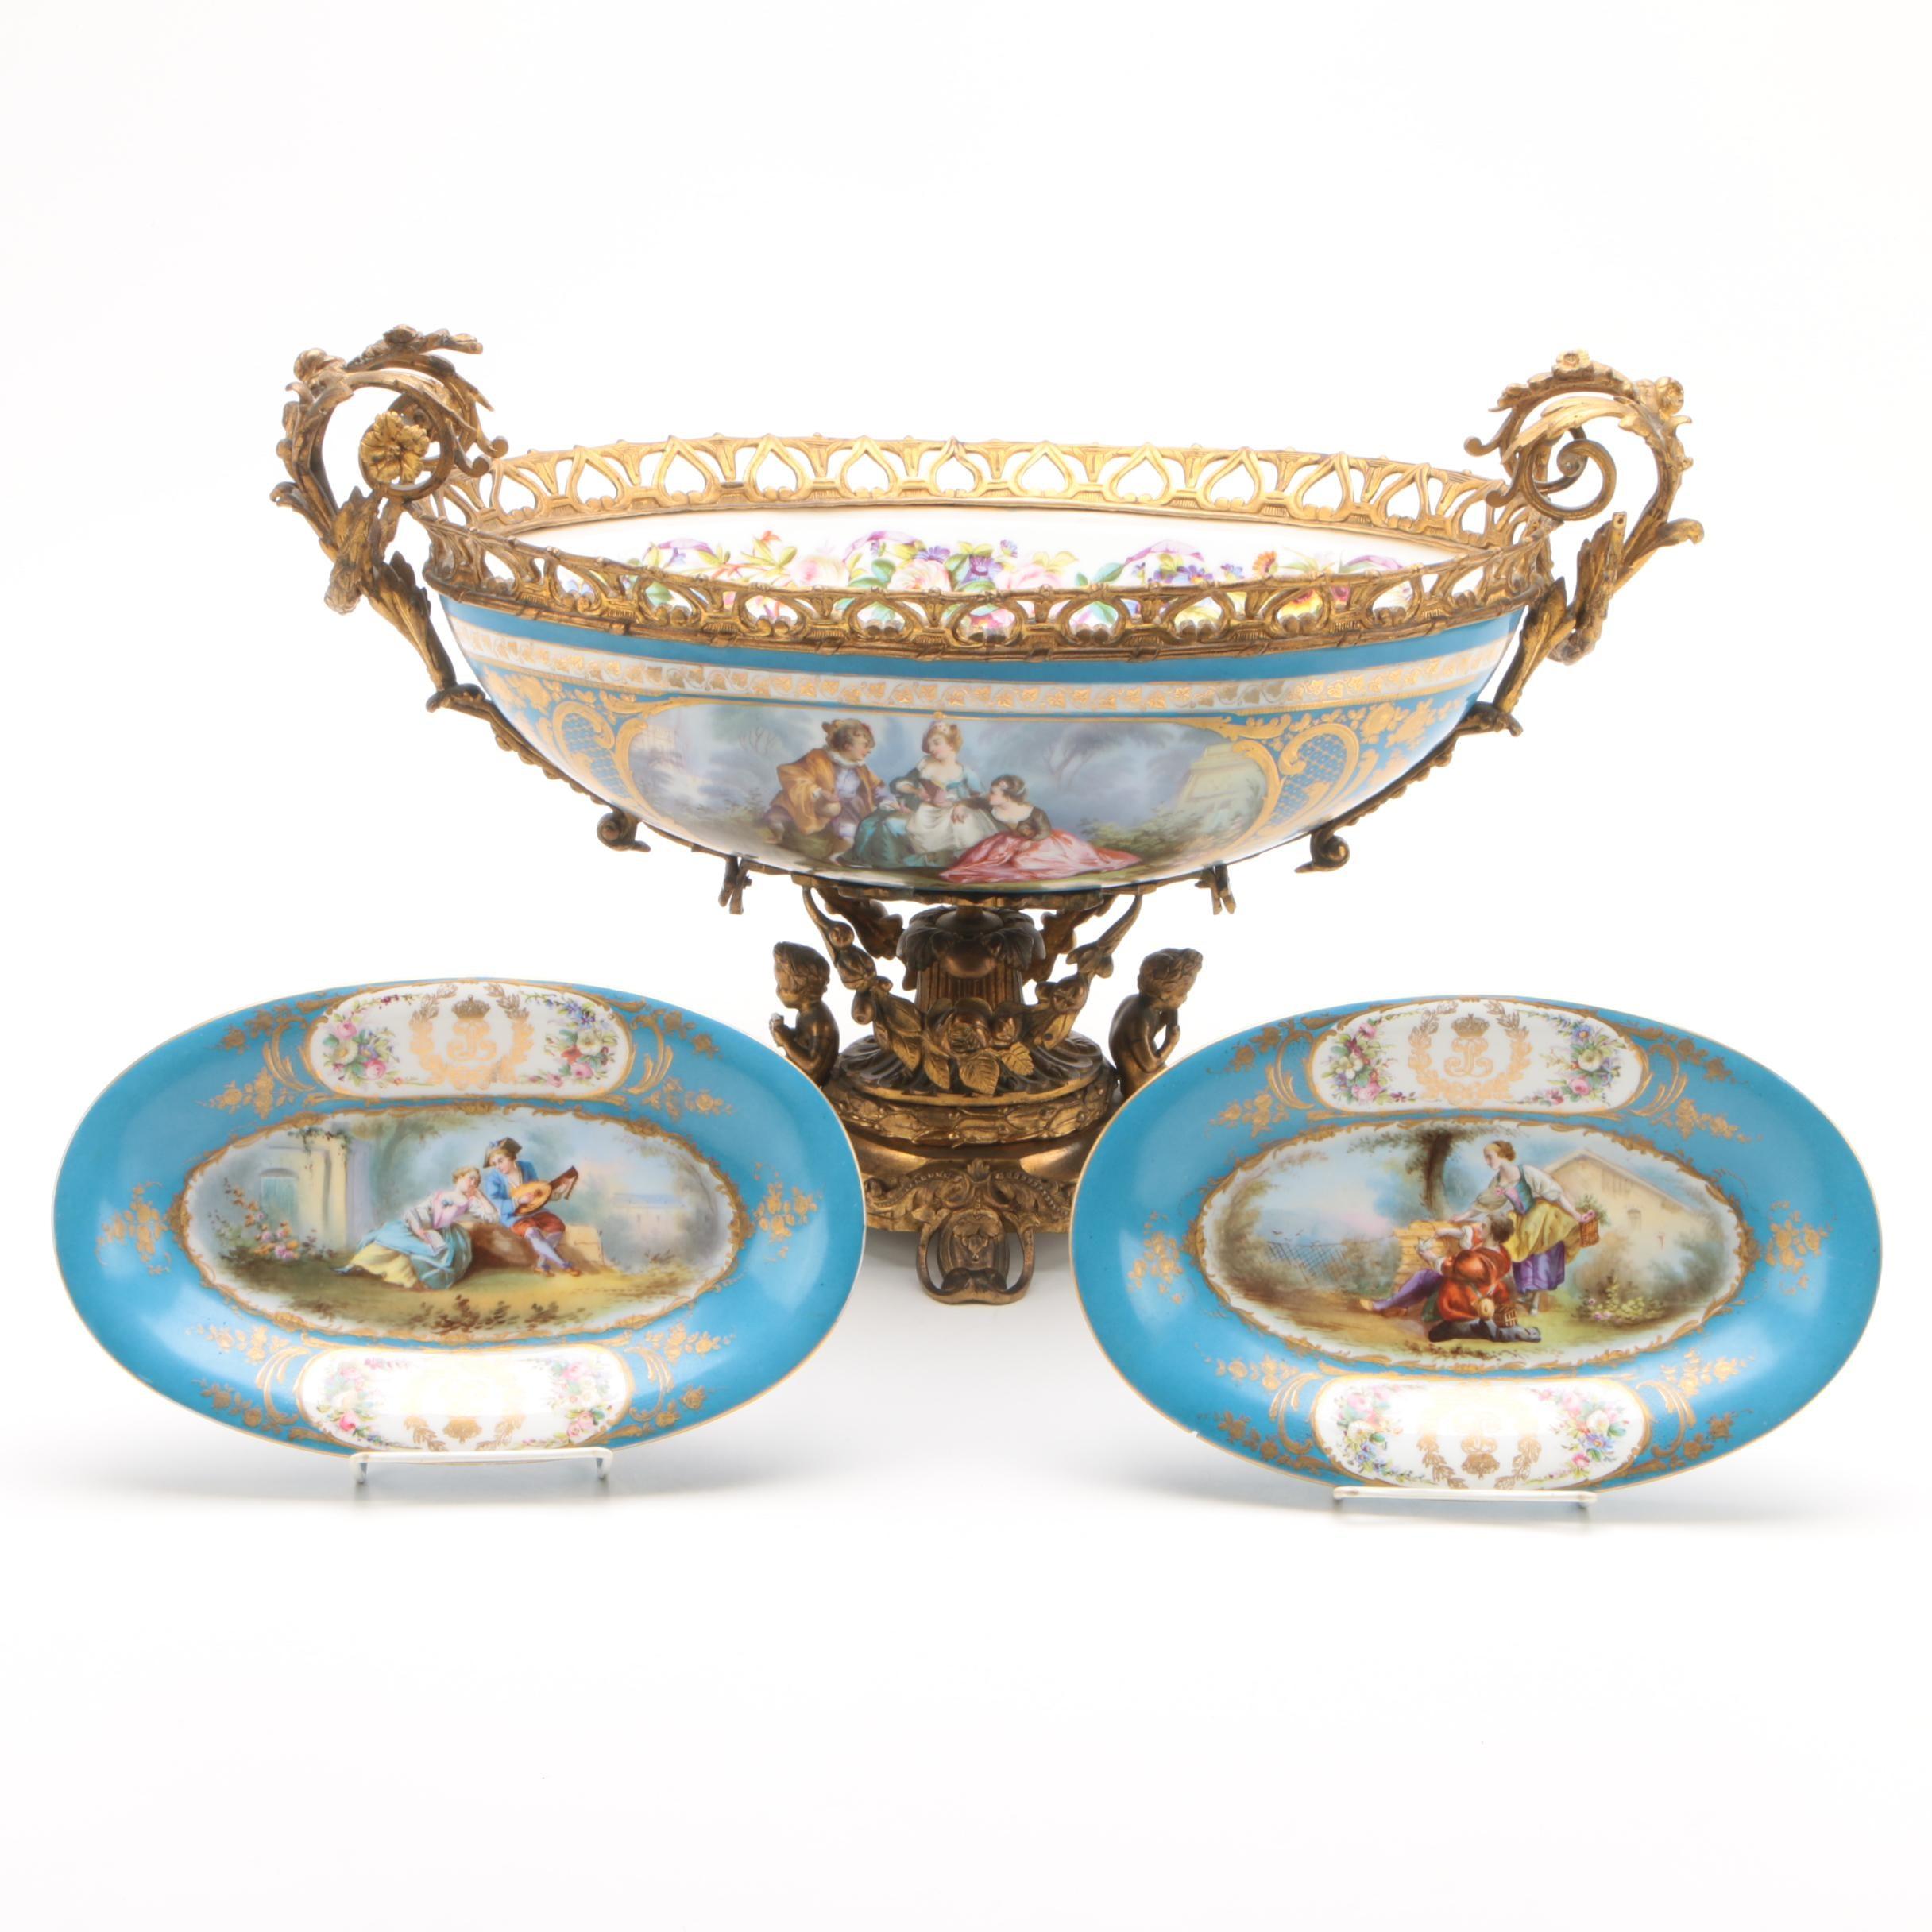 Antique Sévres Chateau Des Tuileries Centerpiece Bowl and Trays